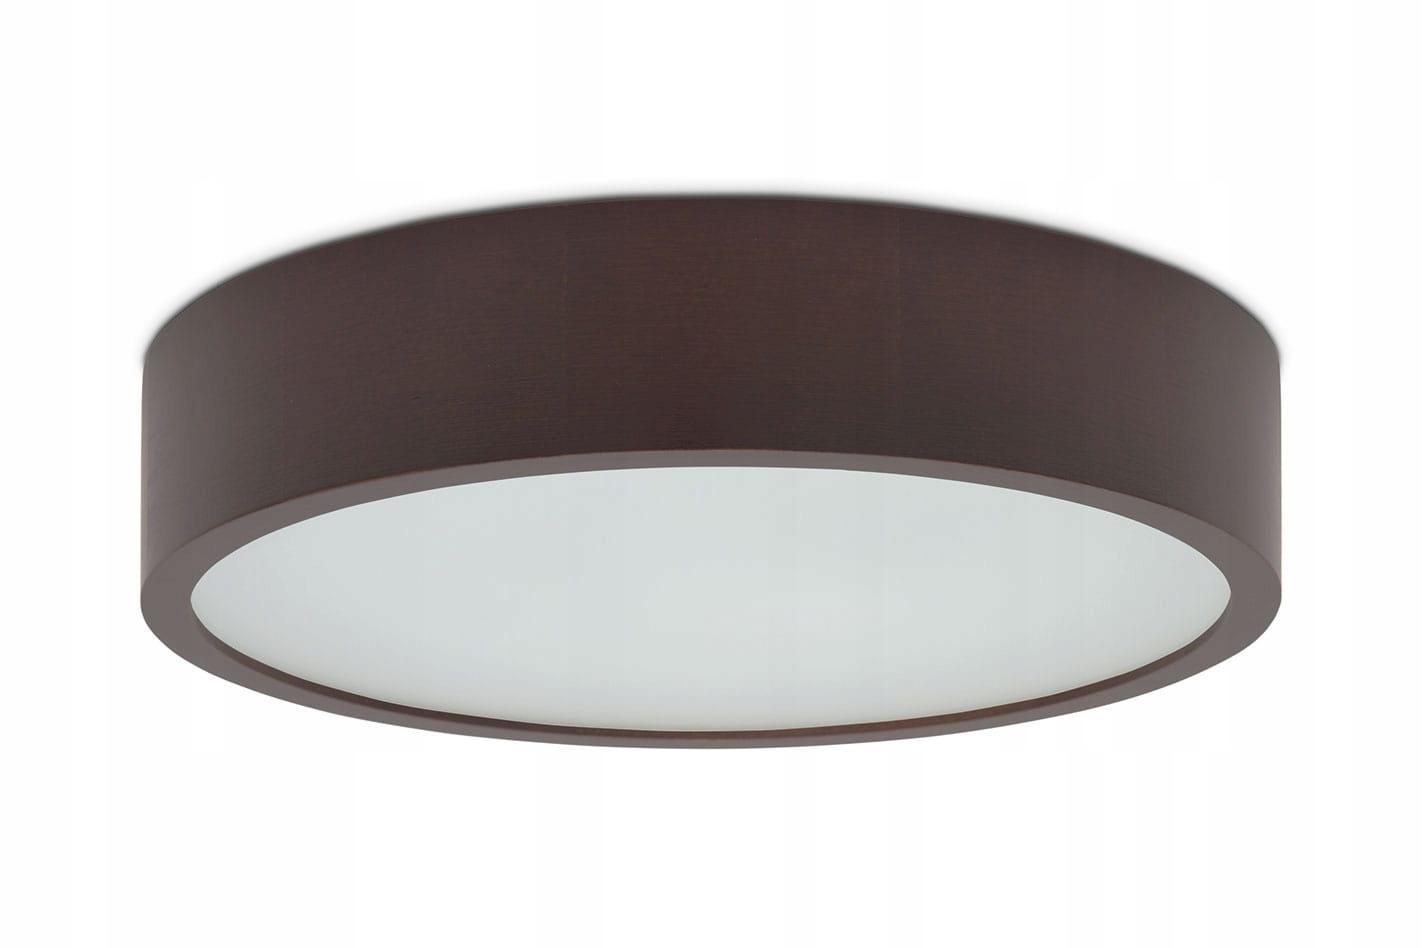 Drevené okrúhle wenge interiéru svetlo 375 stropné lampy